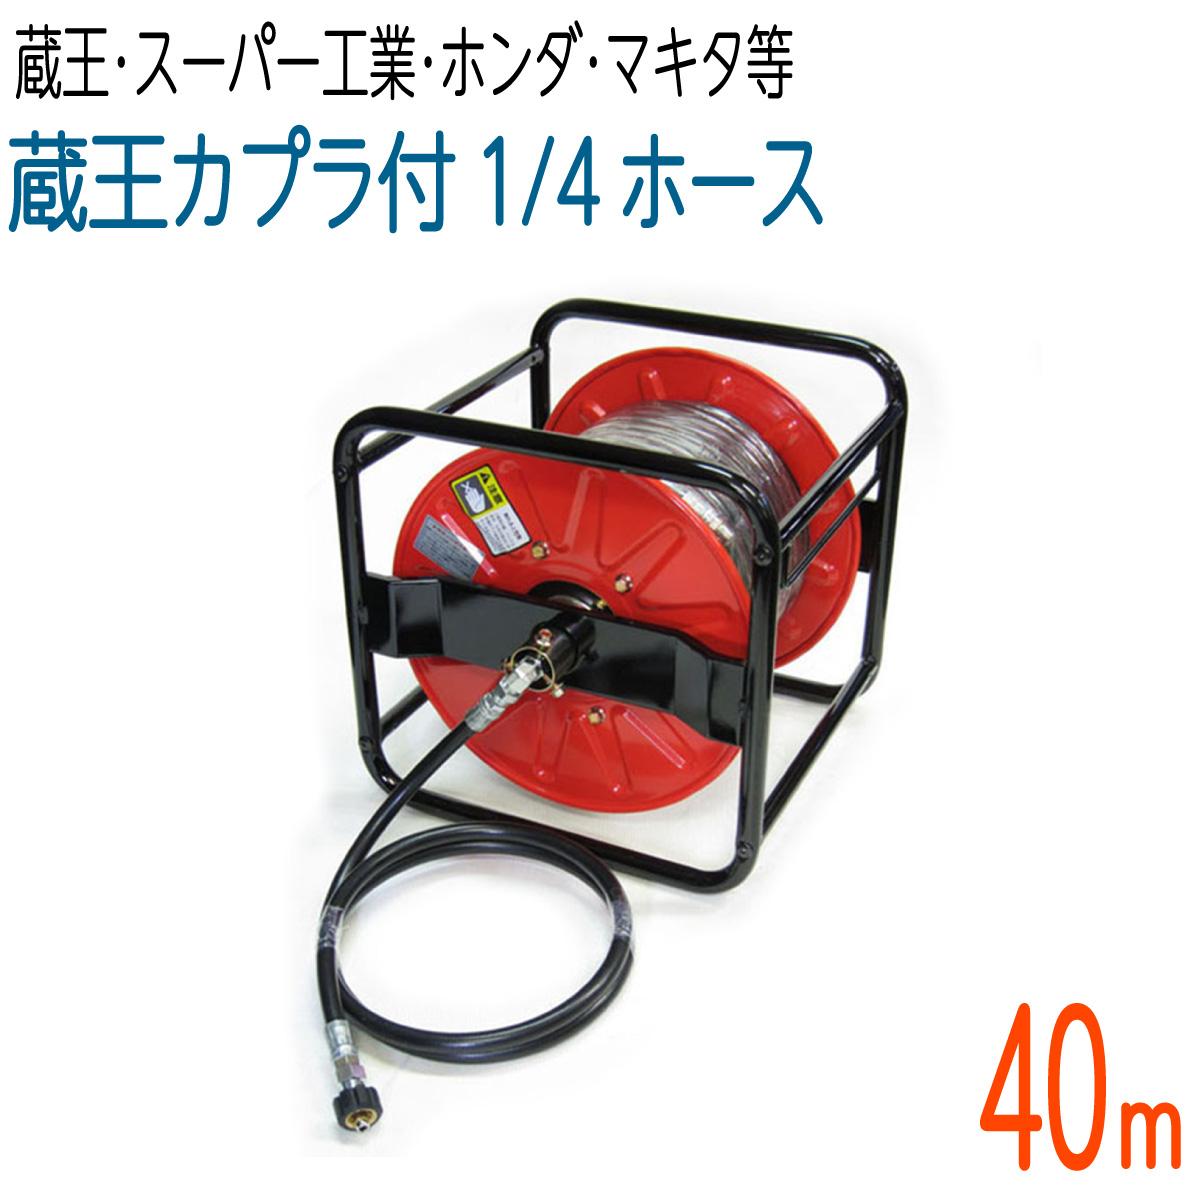 【40Mリール巻き】 1/4(2分)高圧洗浄機ホース 蔵王産業・スーパー工業・ホンダ対応 コンパクトホース